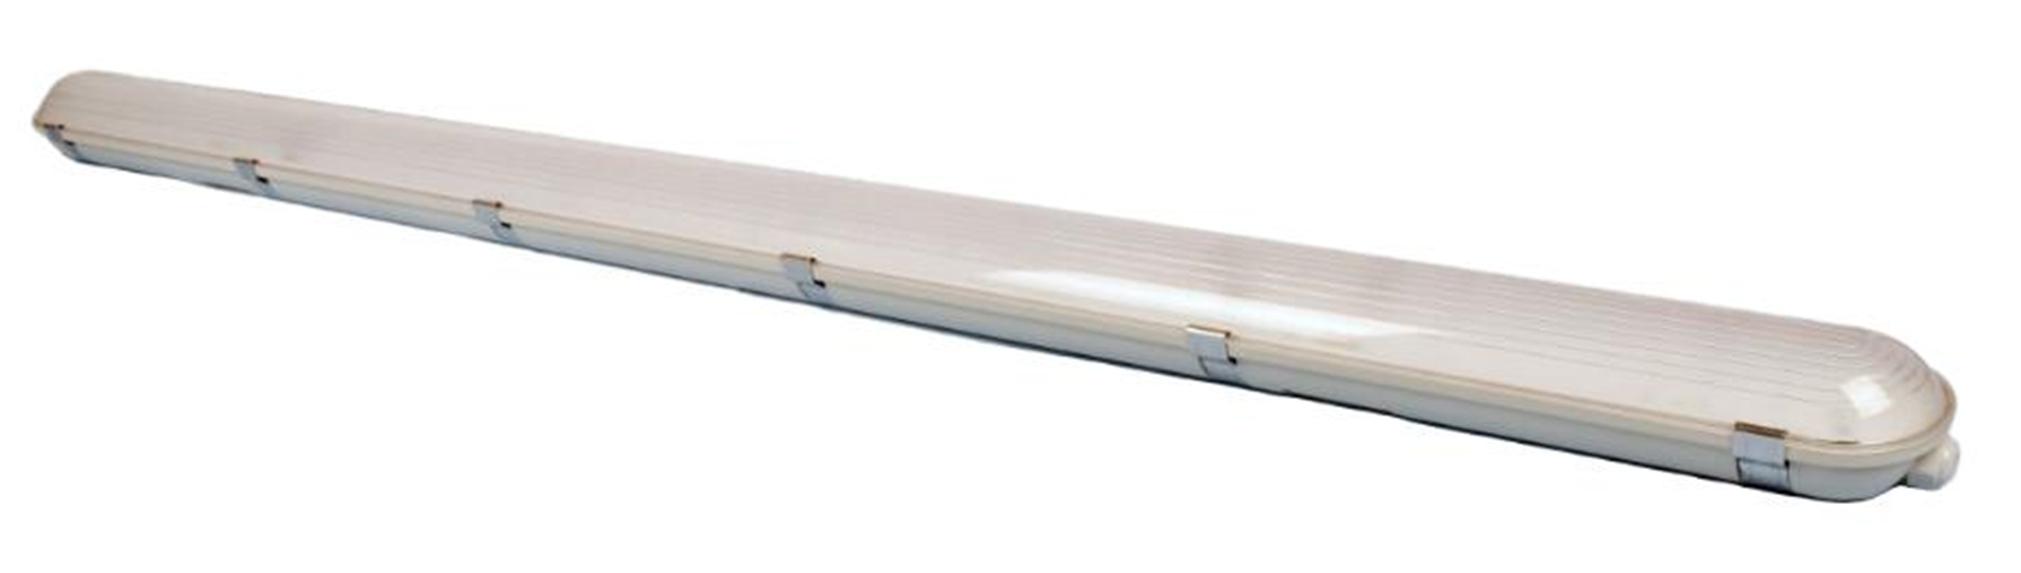 LED Feuchtraum-Wannenleuchte mit gefrosteter Wanne